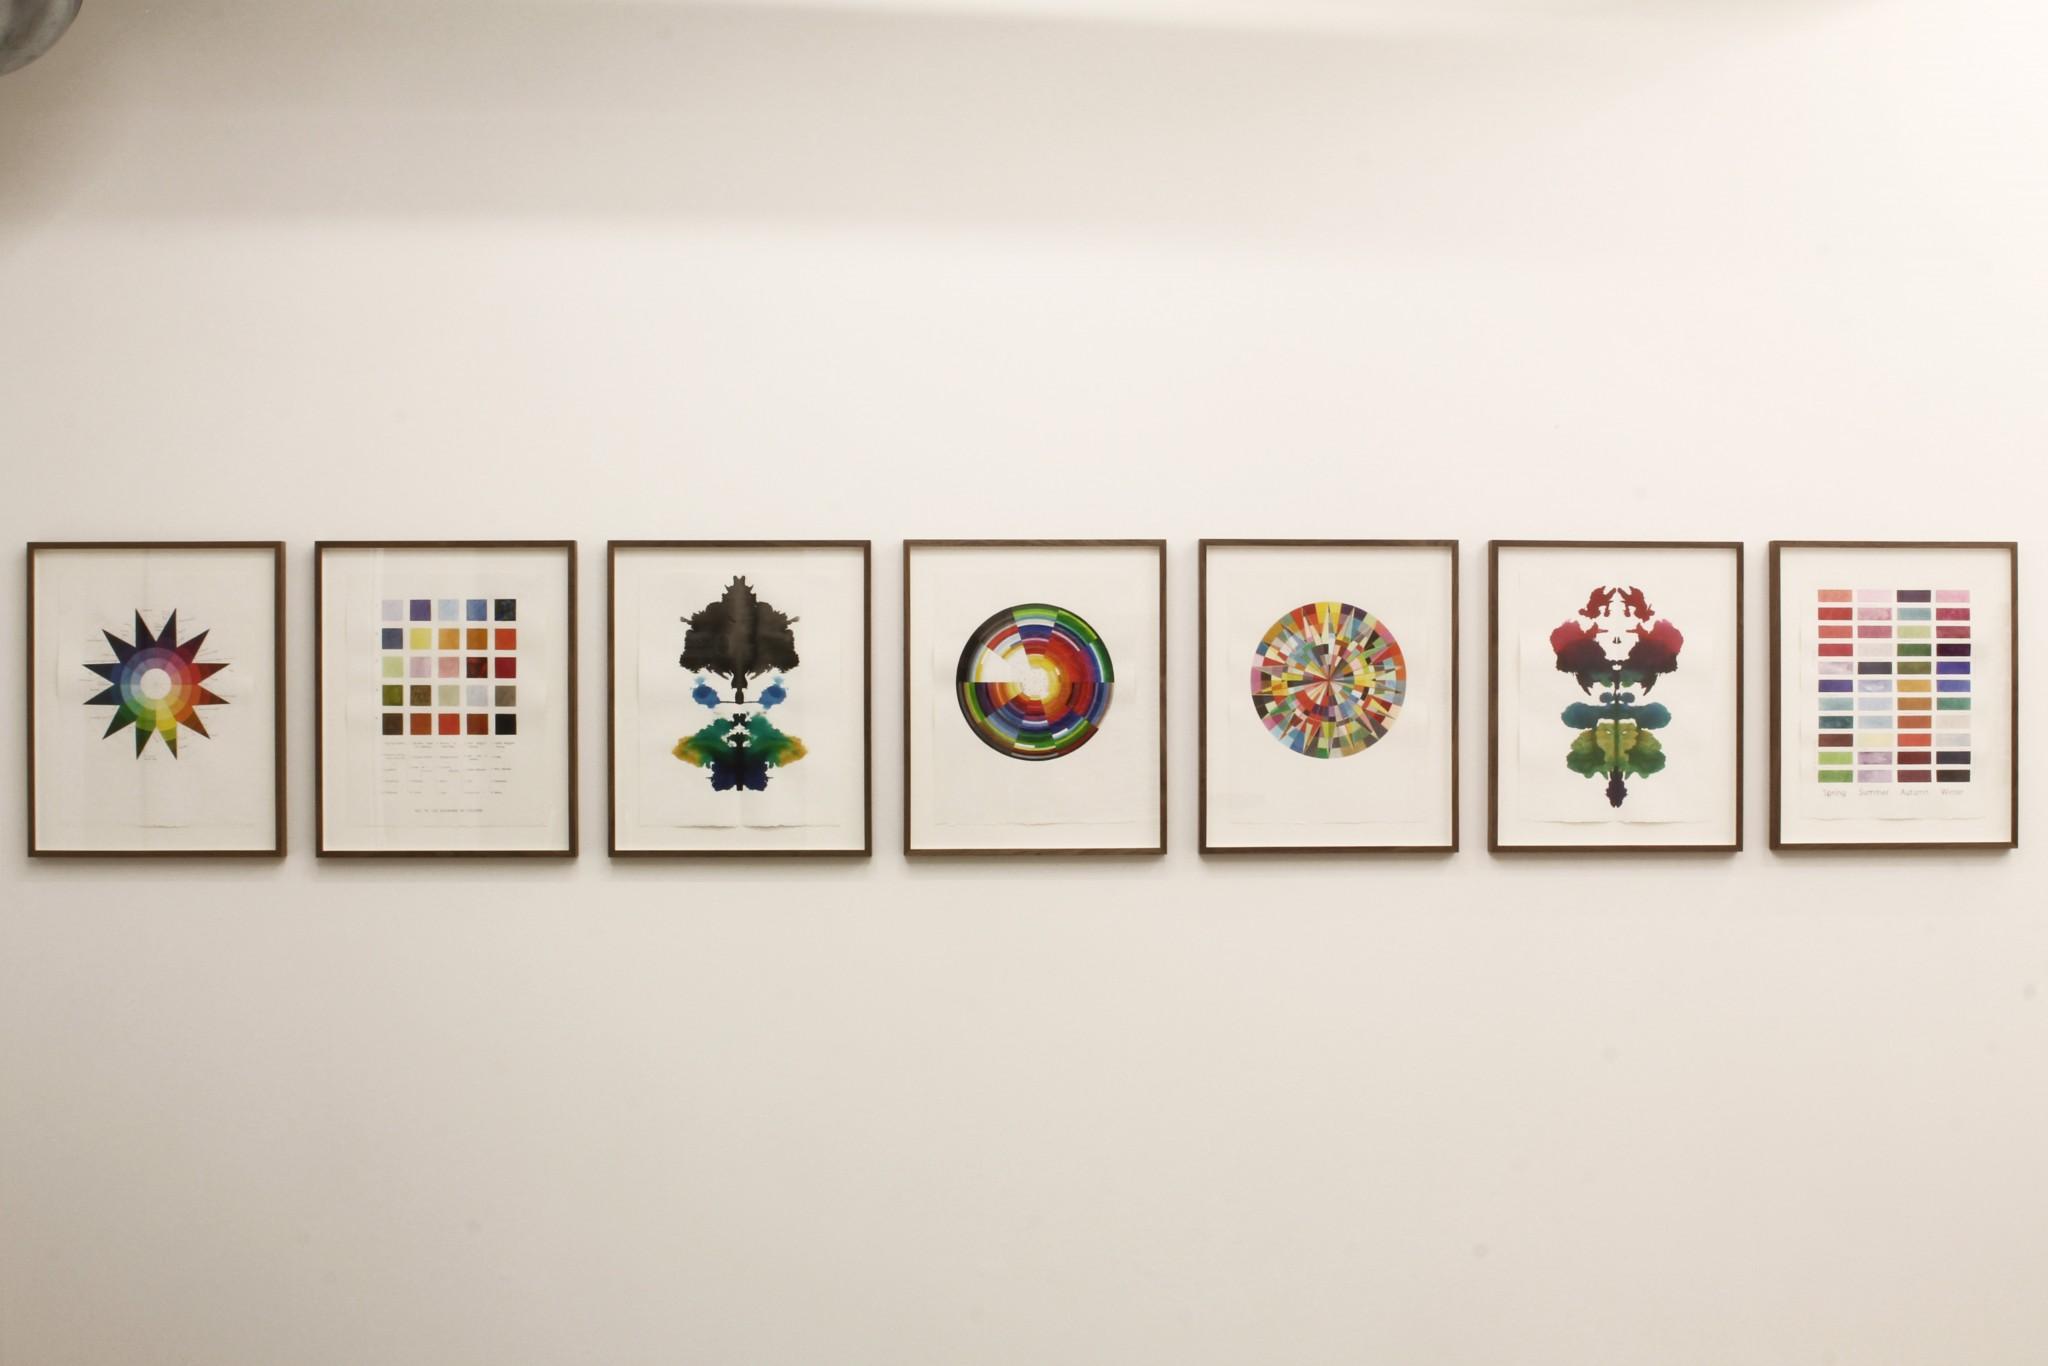 Susanne Vollmer: Serien kzspygv består av 7 målningar i tusch, akvarell och akryltusch i måtten 38x48cm. Titeln är de bokstäver som tillsammans bildade regnbågen för Vladimir Nabokov.